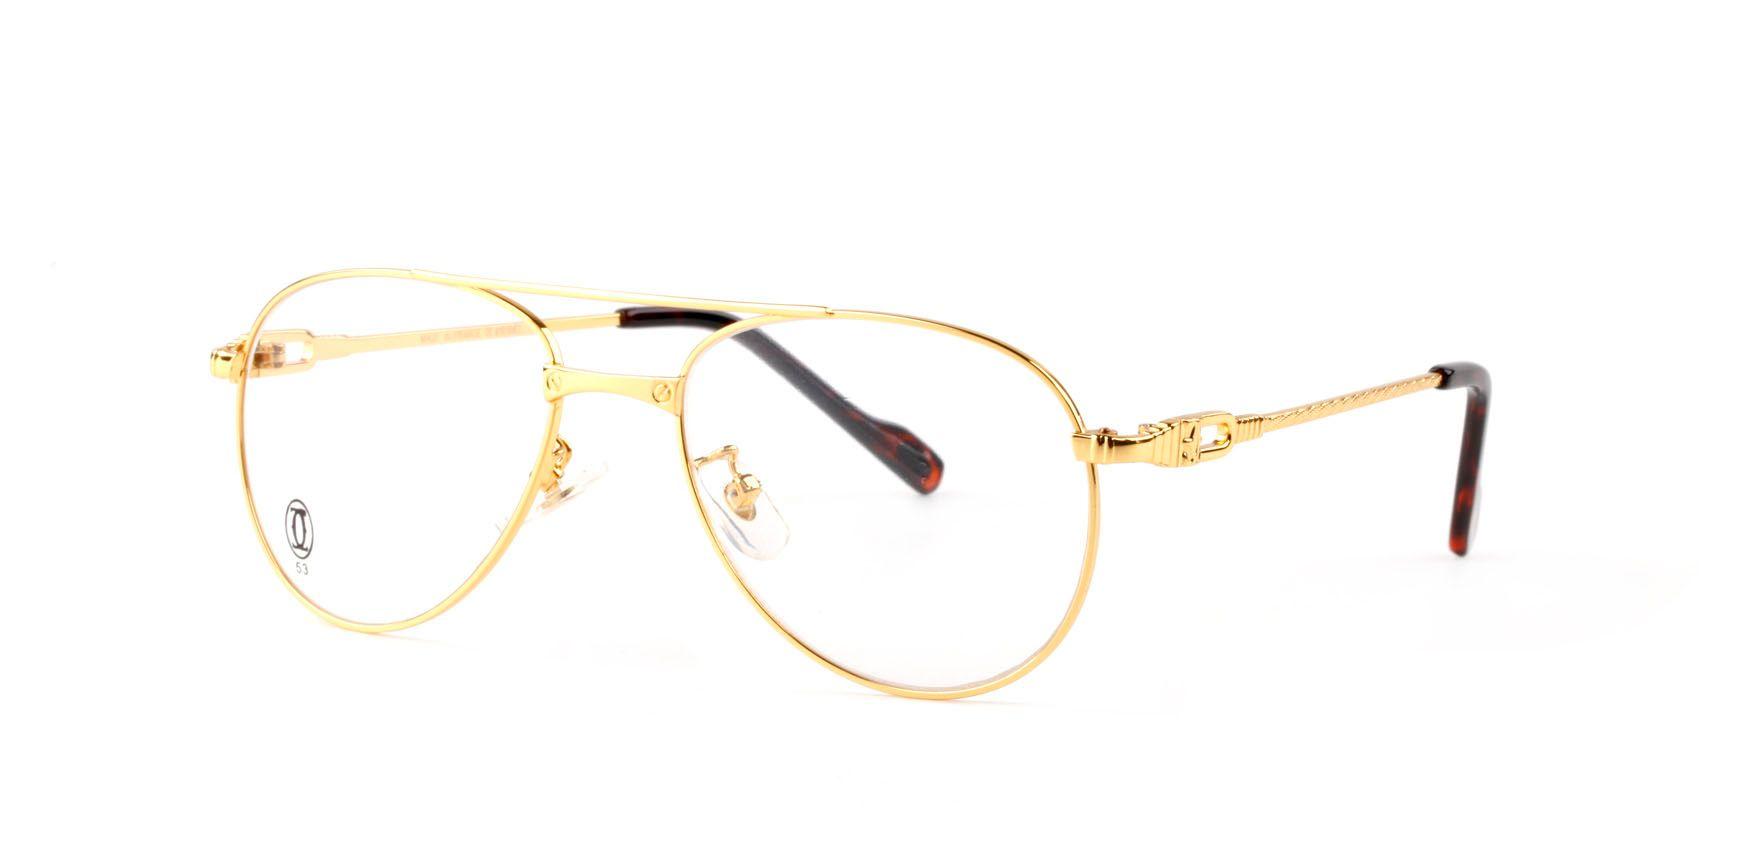 30d349bcf299 2019 Brand Designer Women Round Full Gold Metal Sunglasses Frames Legs Men  Fashion Vintage Shade Cat Eye Sun Glasses Eyeglasses From Lin19879